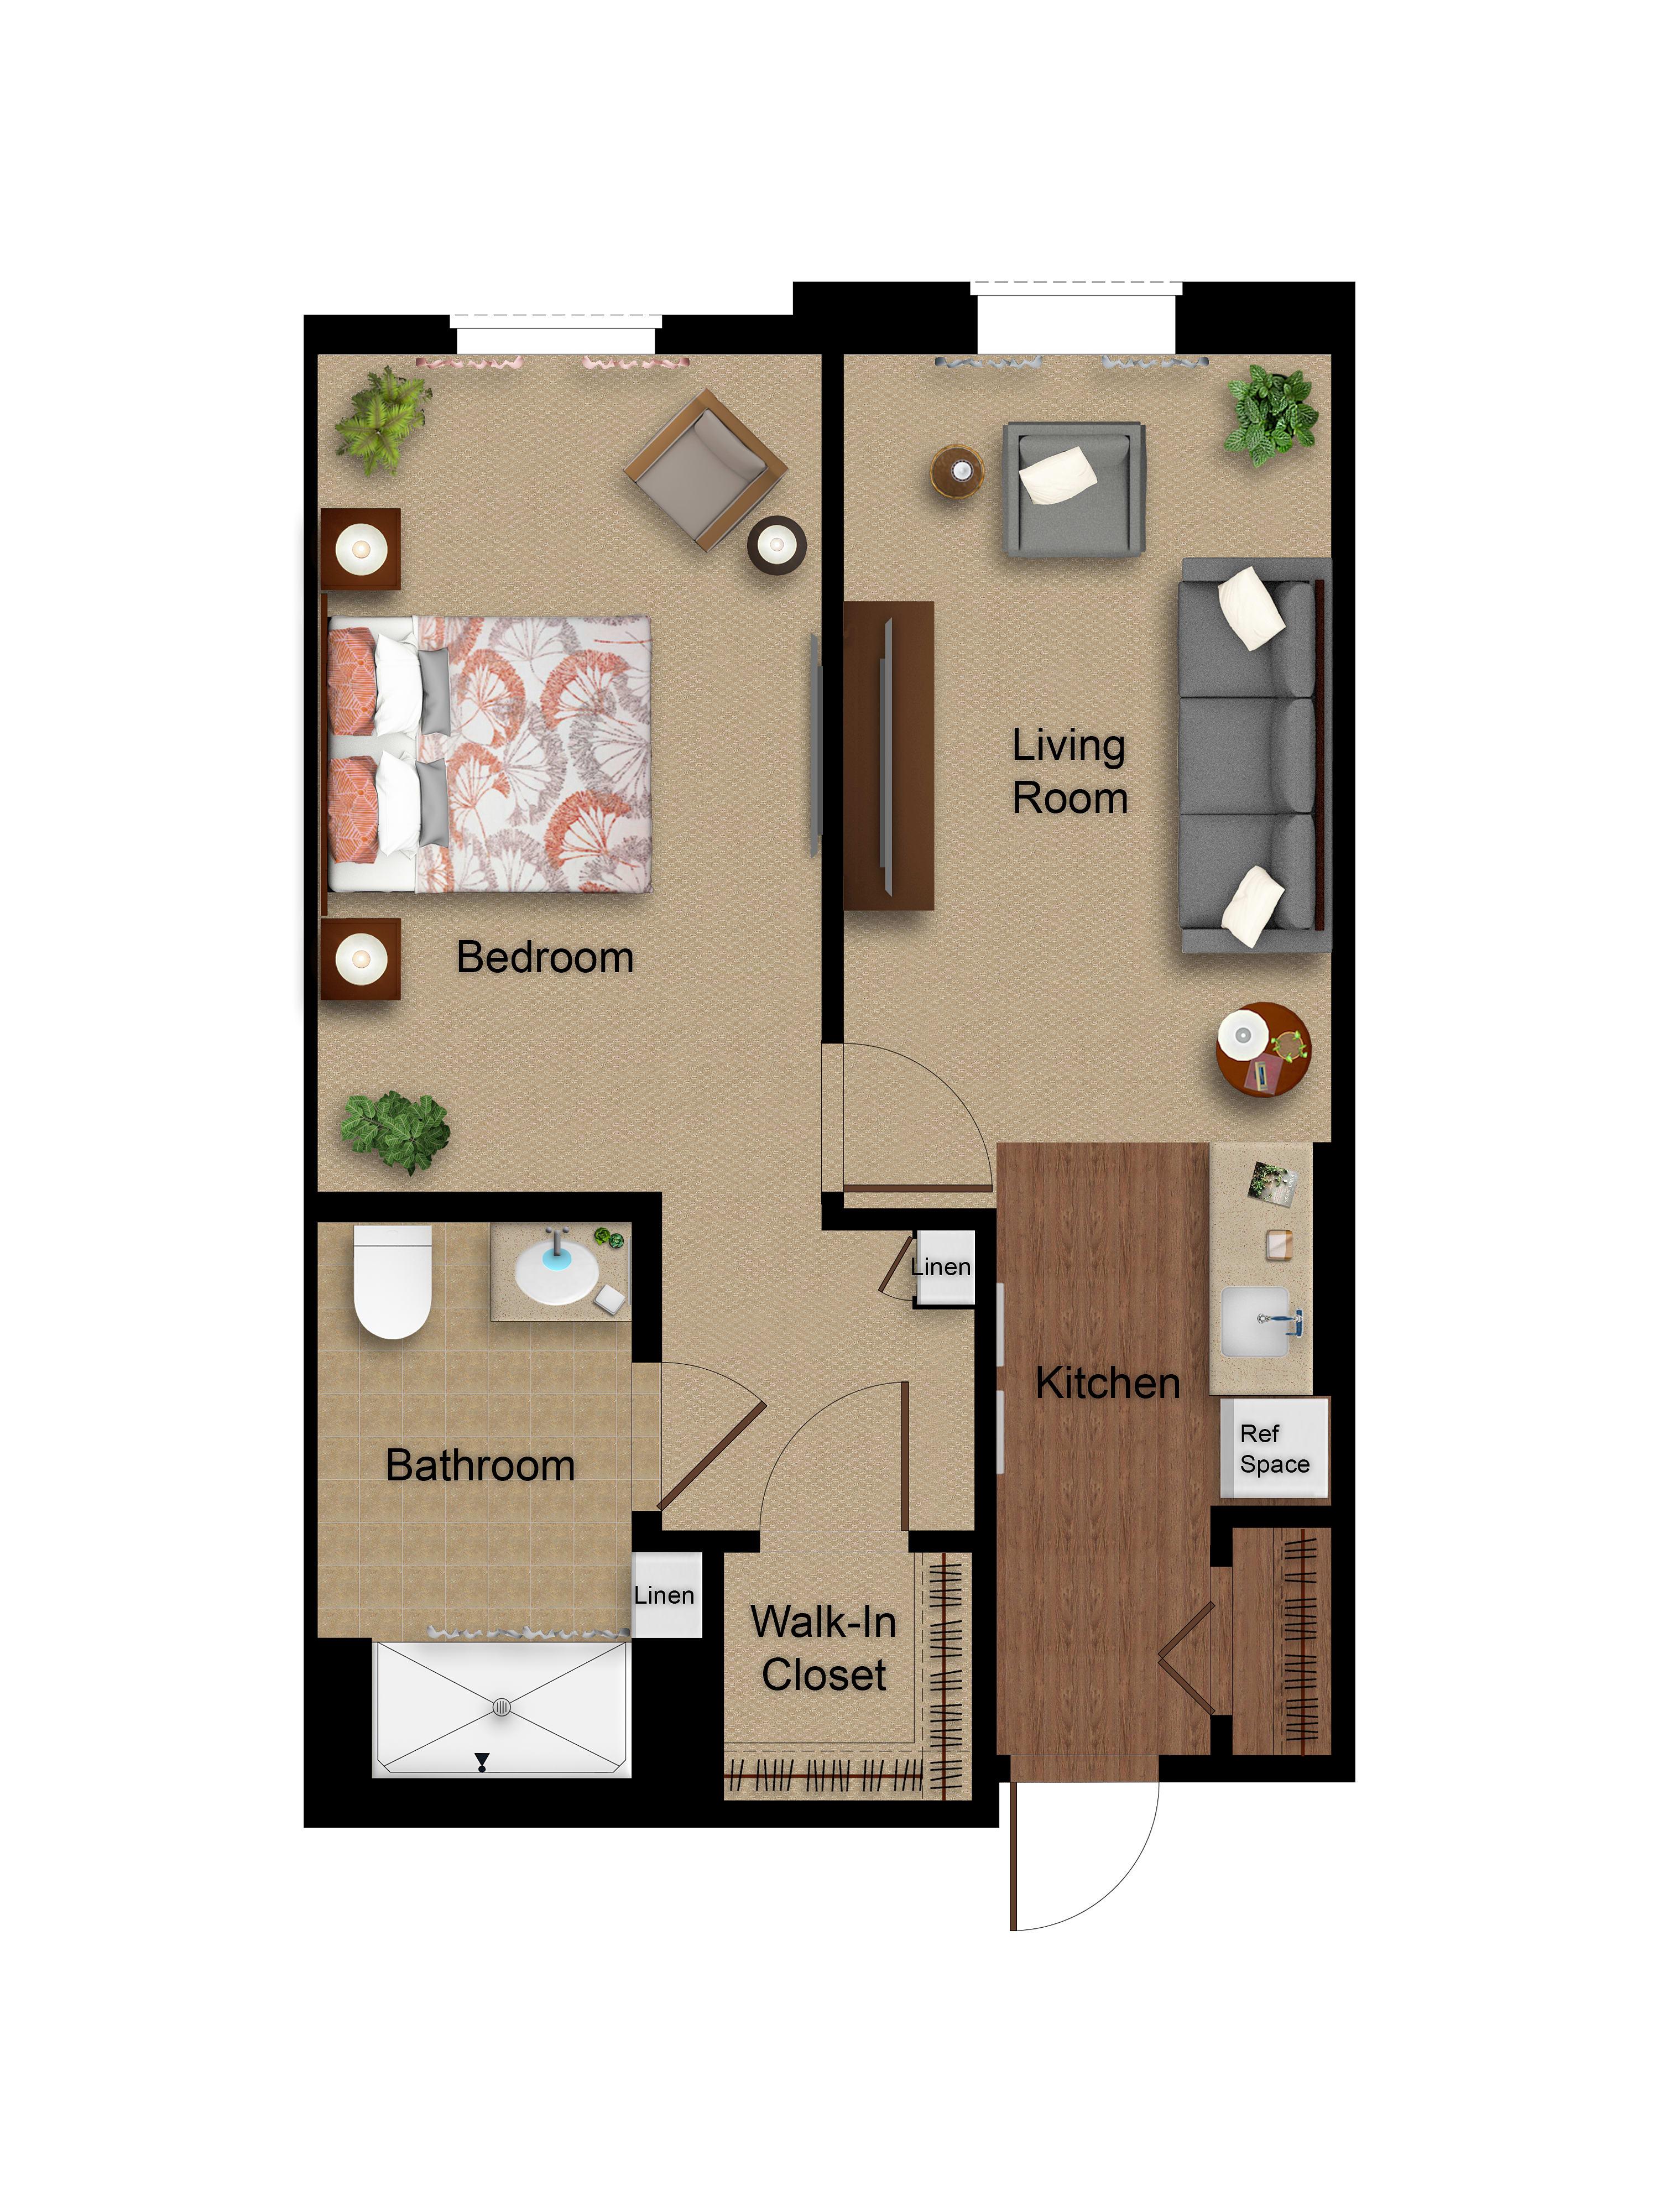 One Bedroom floor plan at Sage Glendale in Glendale, California